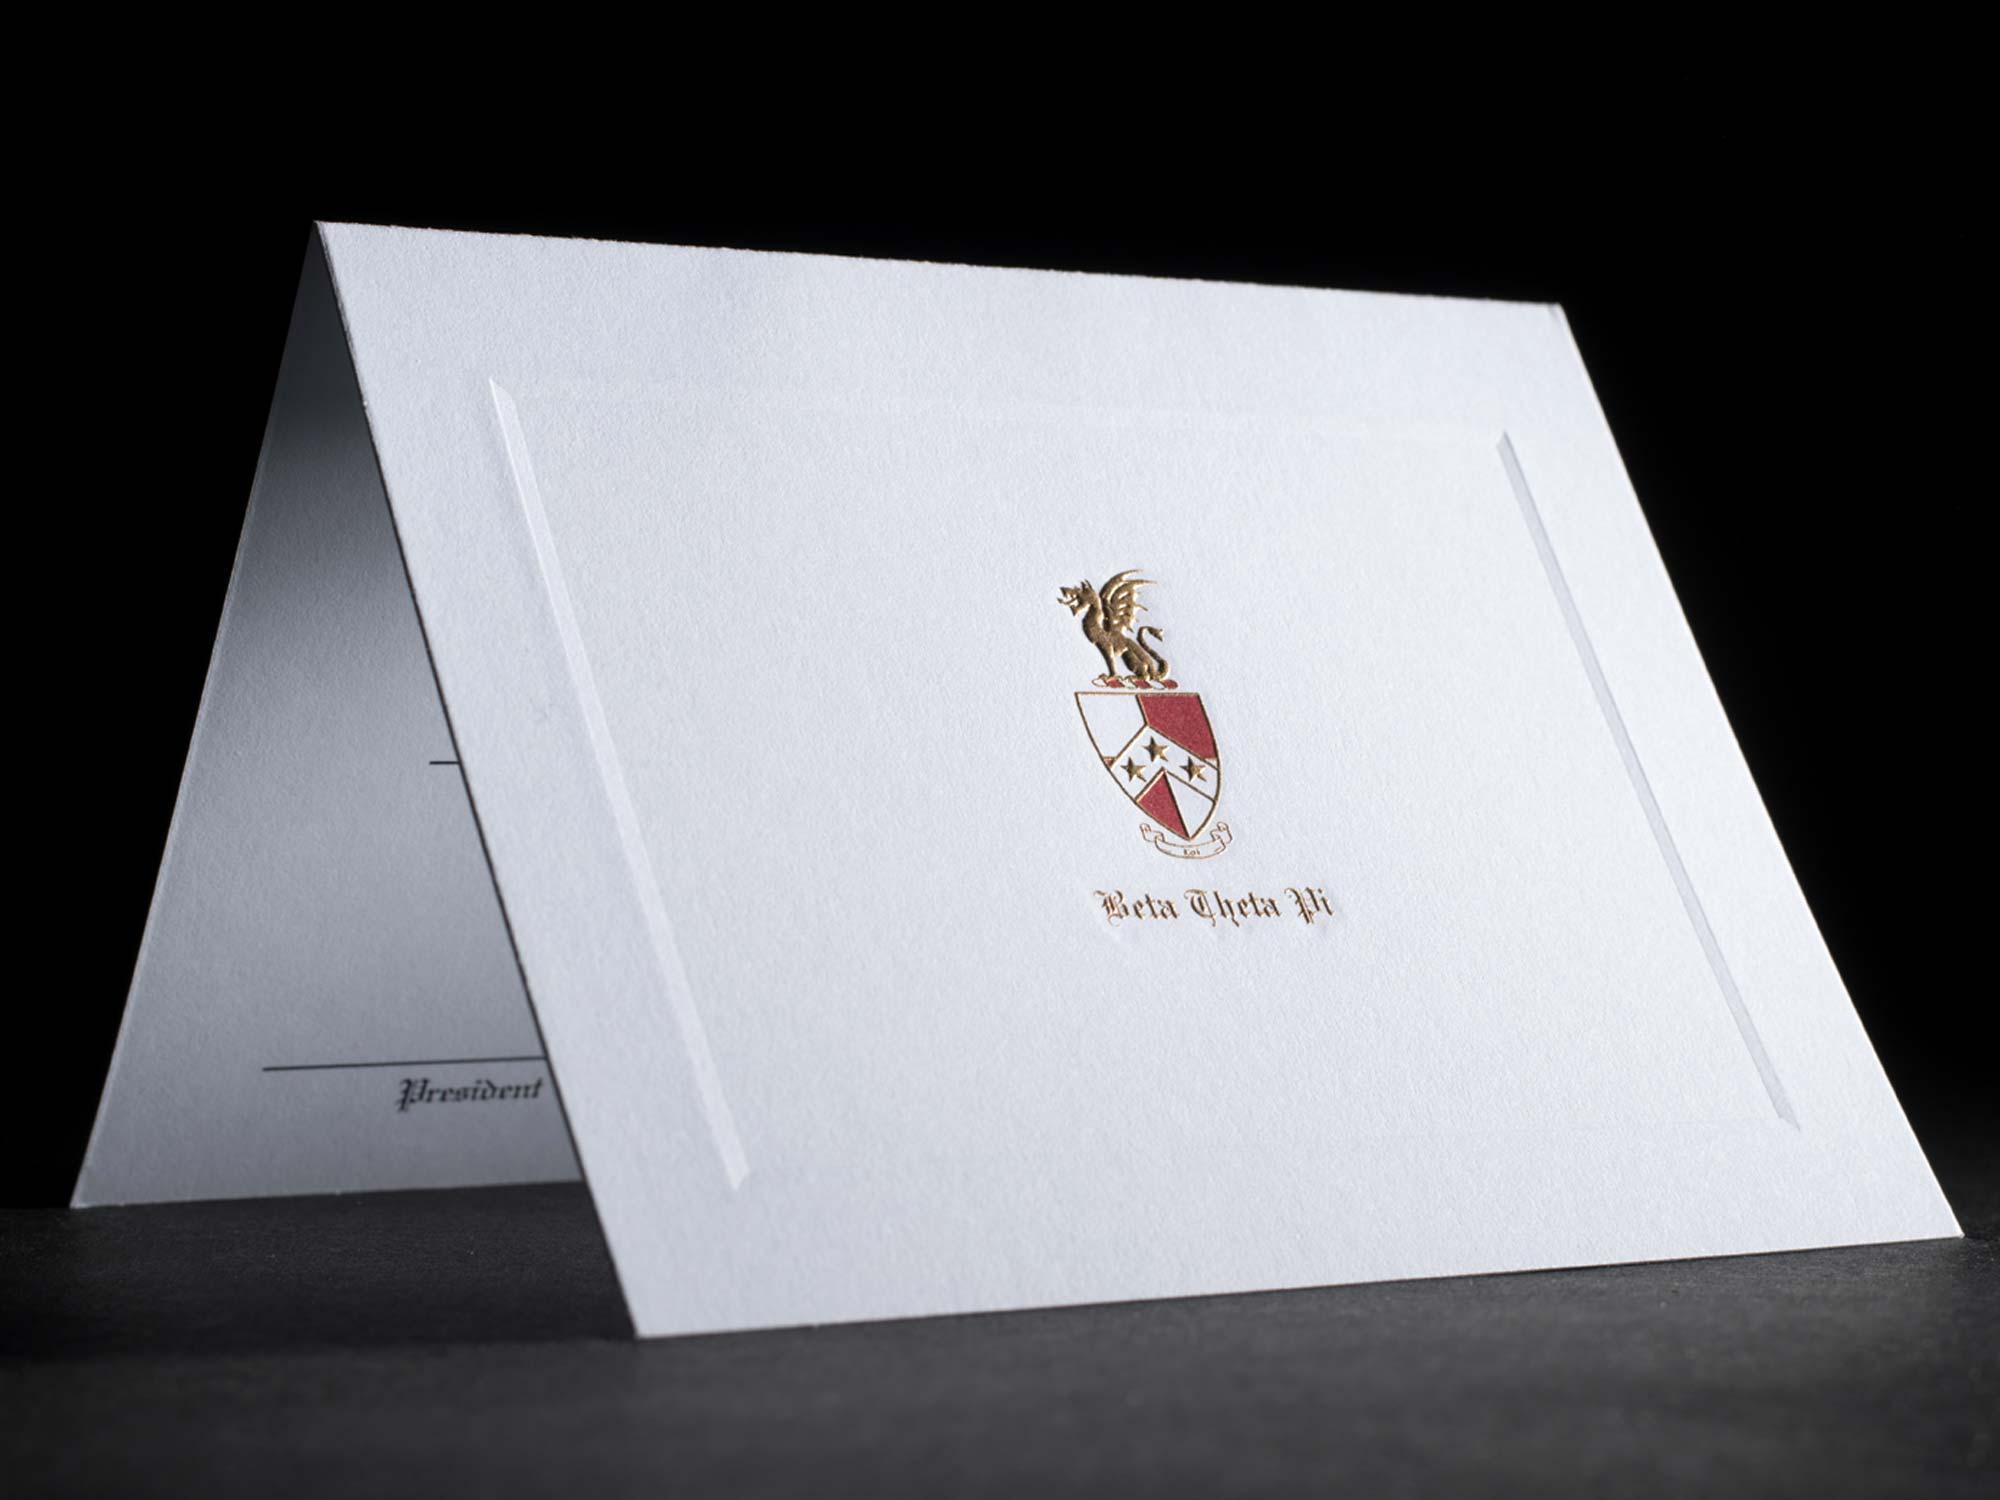 Engraved Bid Day Cards Beta Theta Pi